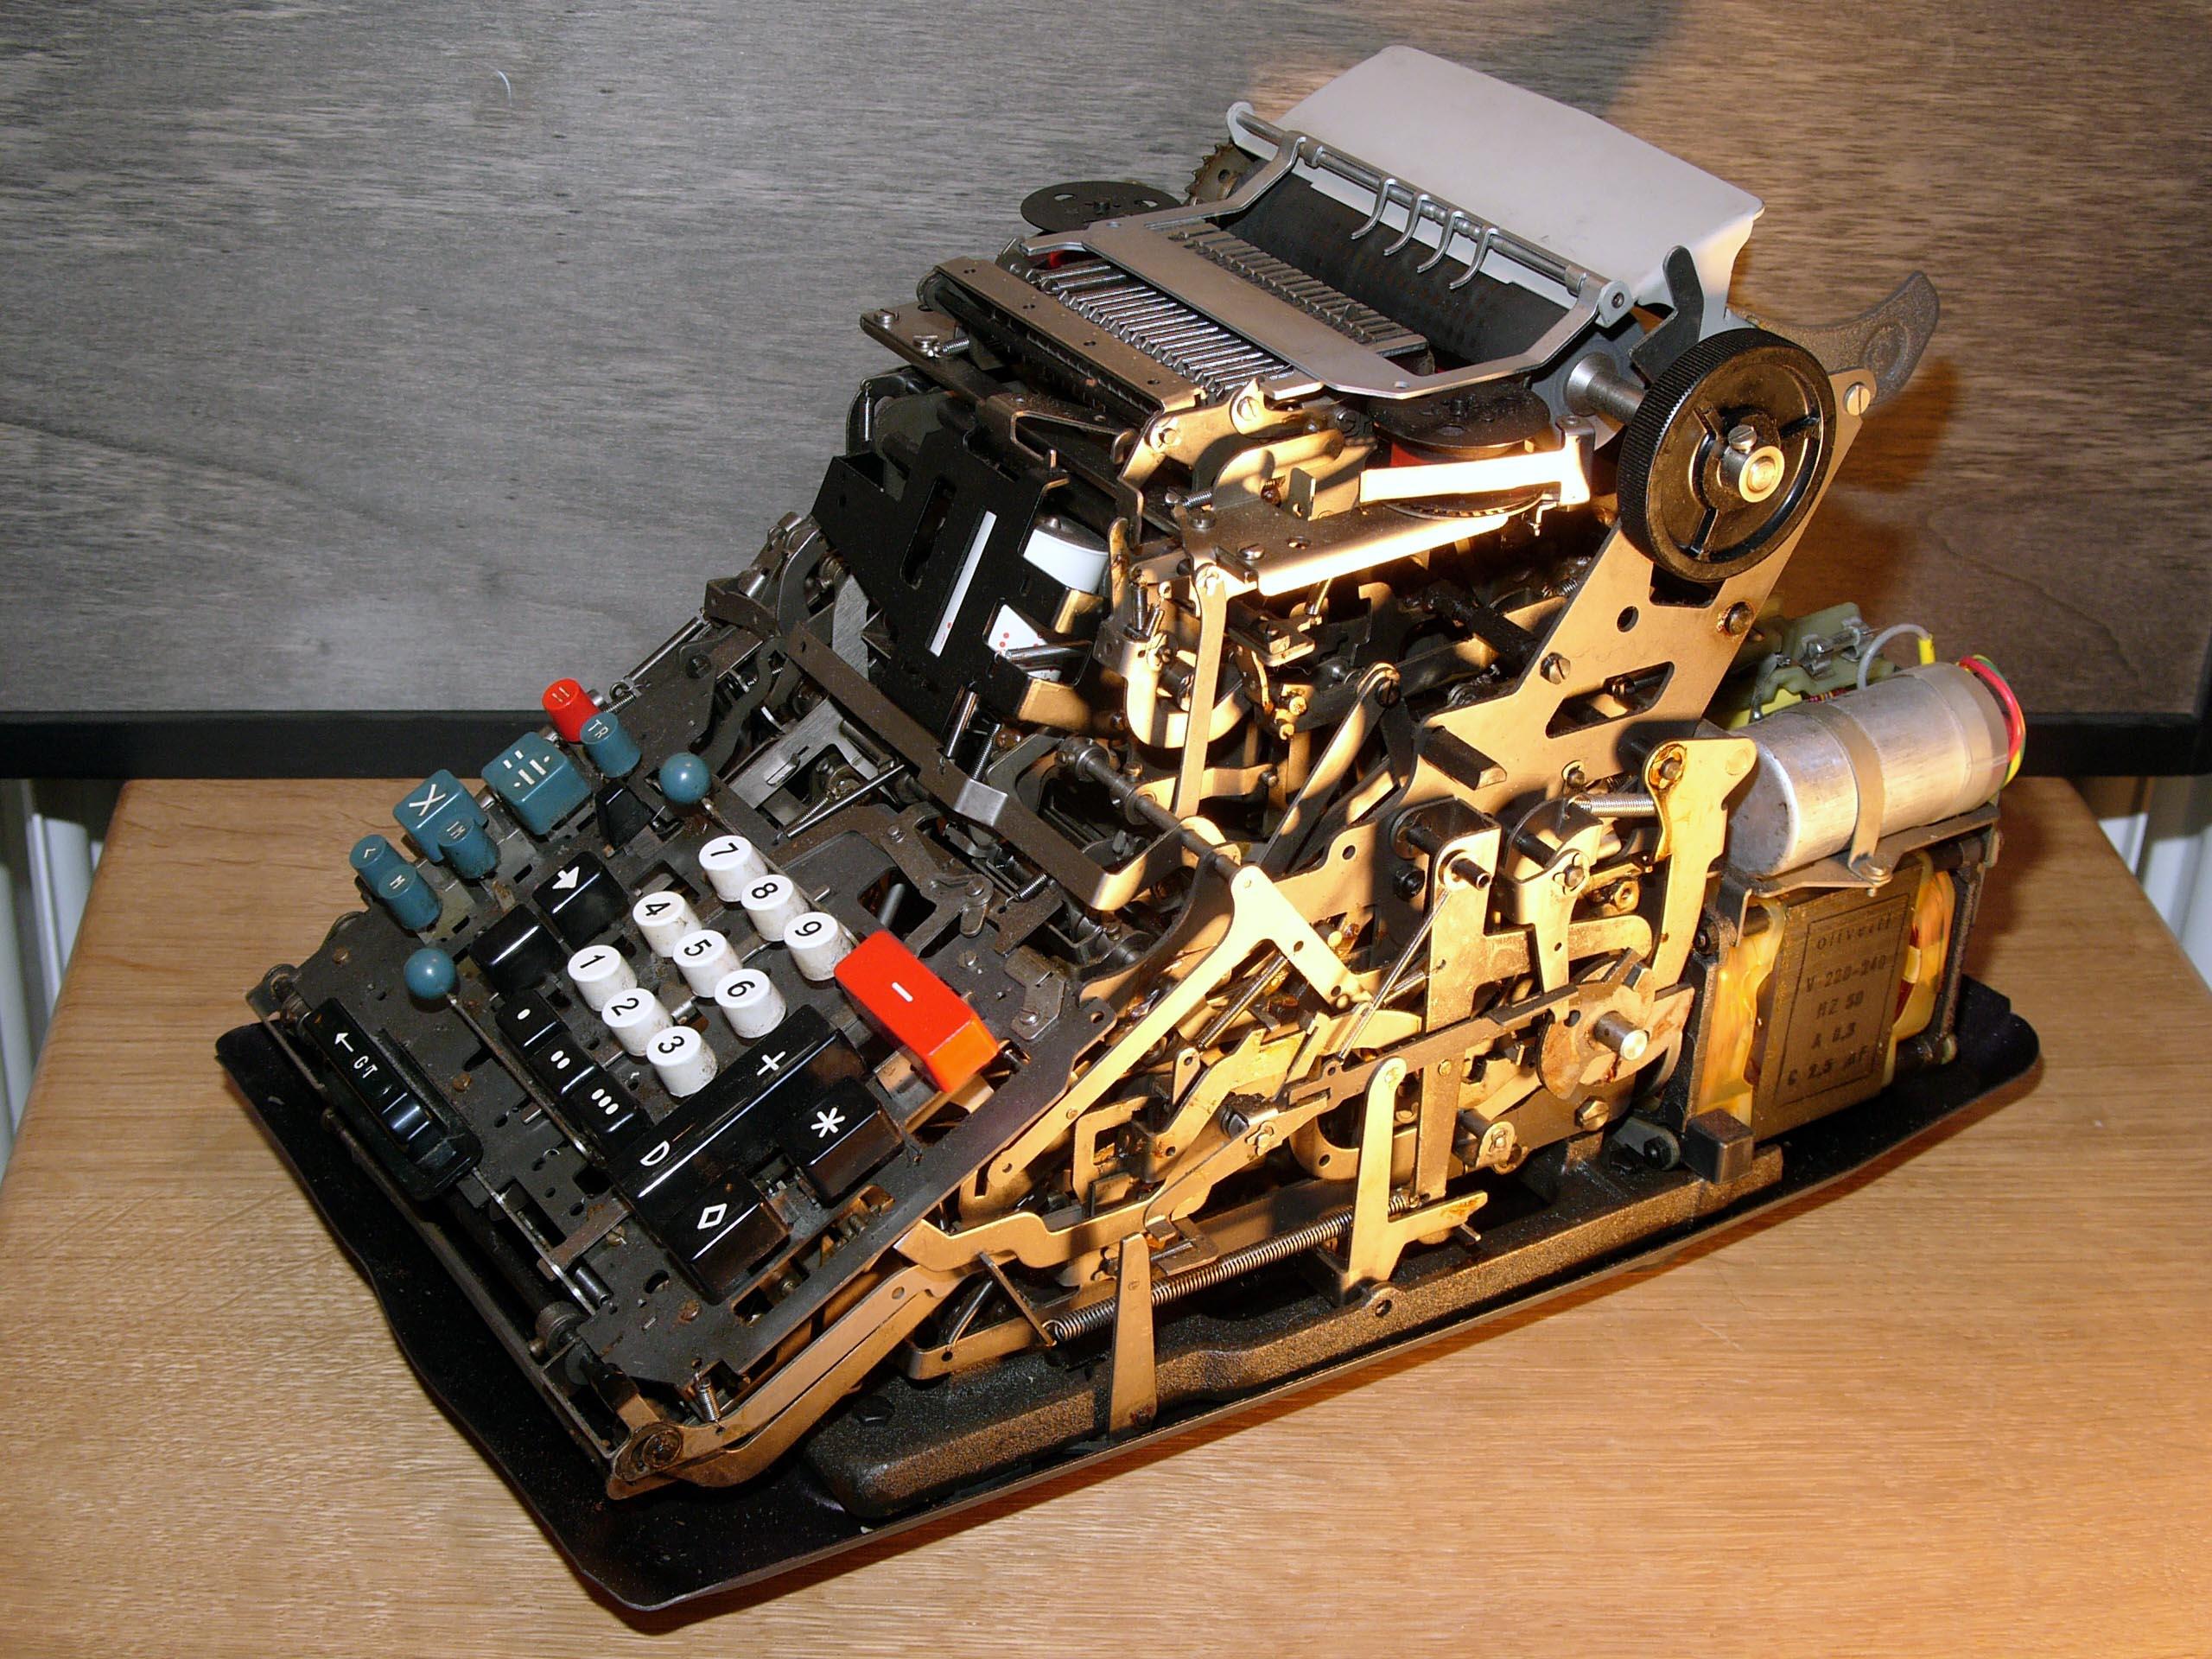 Calculator divisumma24 hg.jpg